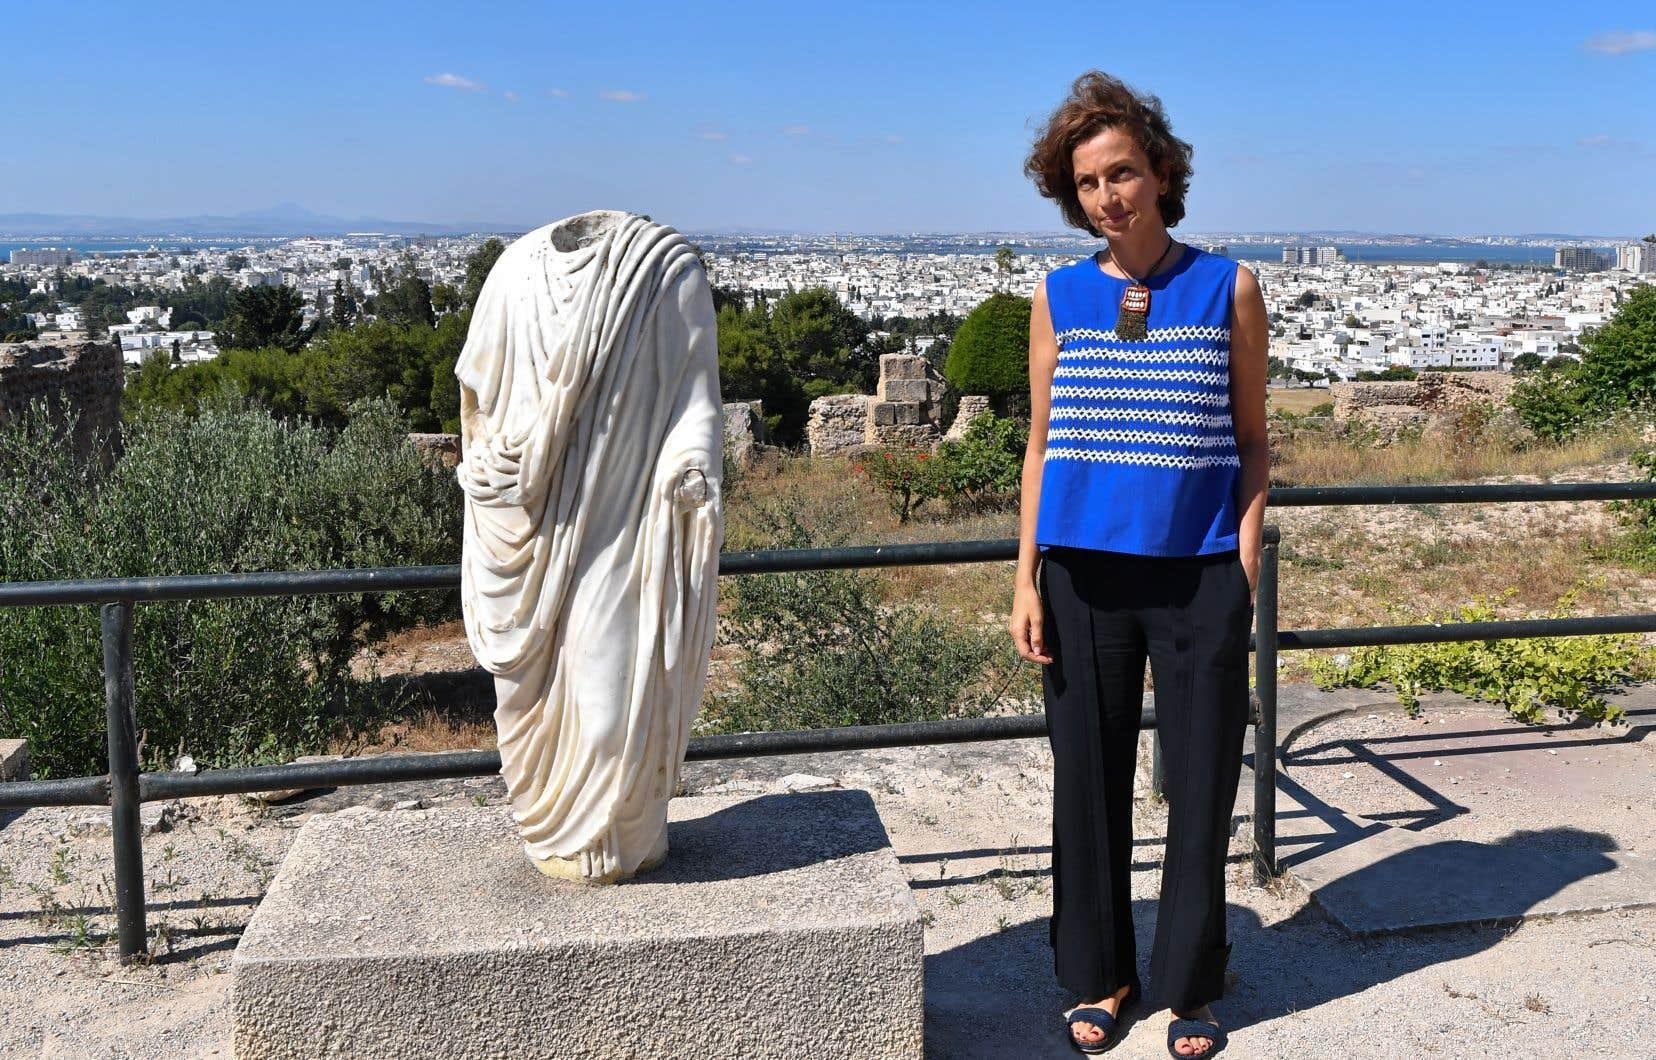 La directrice générale de l'UNESCO, Audrey Azoulay